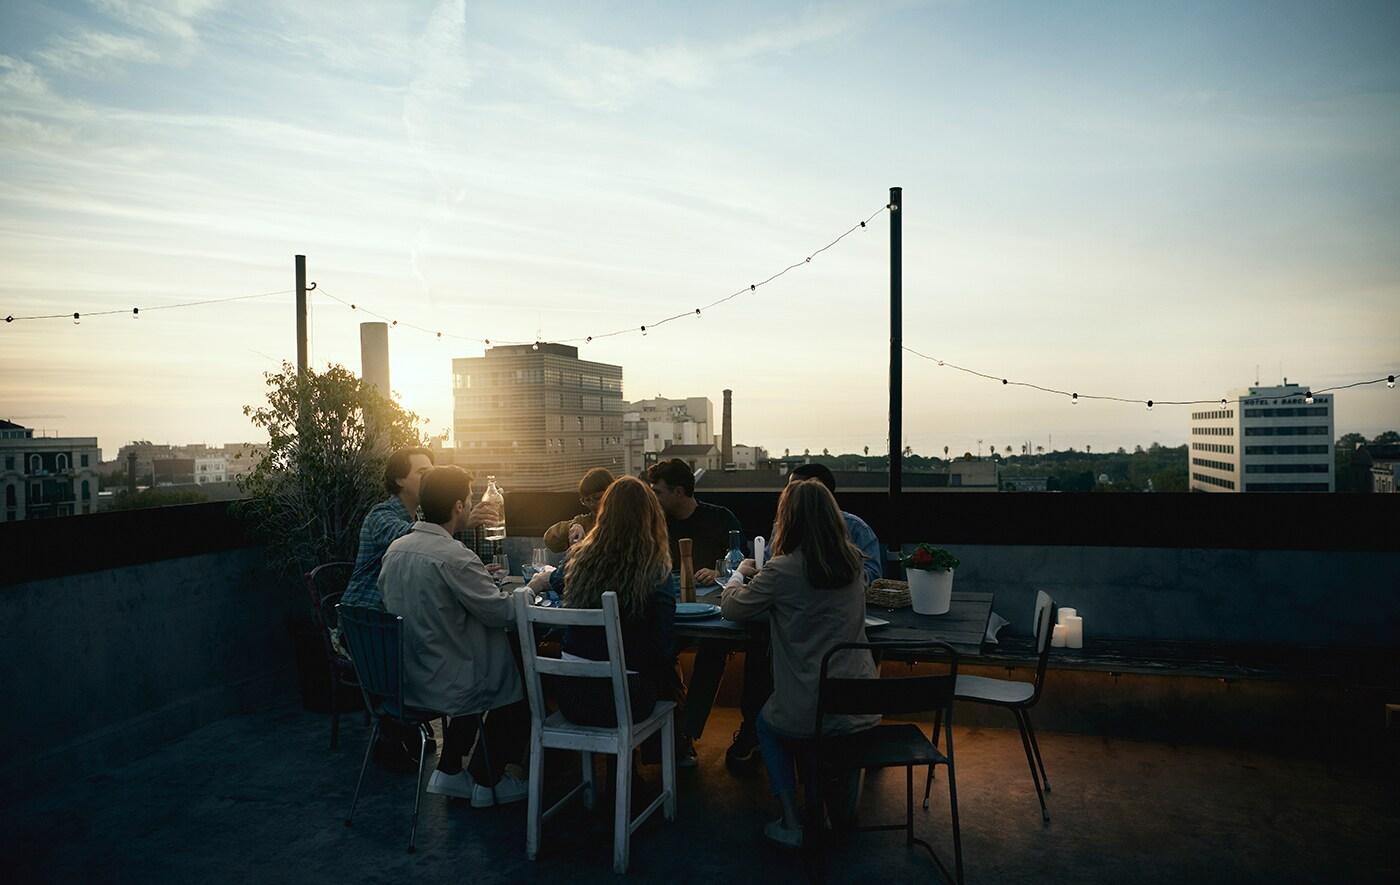 Lien vers IDÉE 'Vers un monde meilleur, une maison à la fois' - photo d'amis réunis autour d'une table sur un toit au coucher de soleil